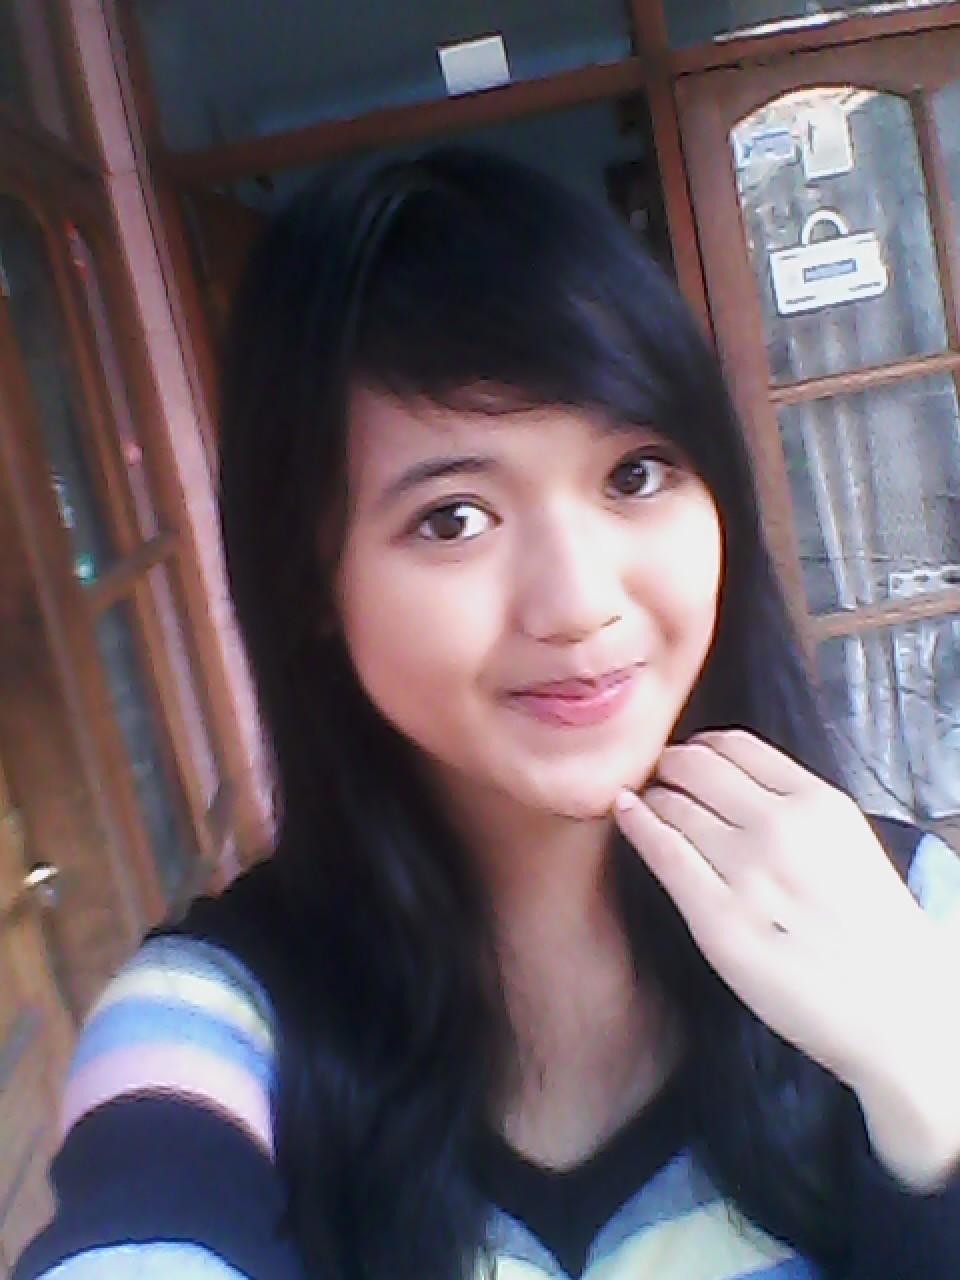 Indonesia cewek cantik dan manis - 2 8